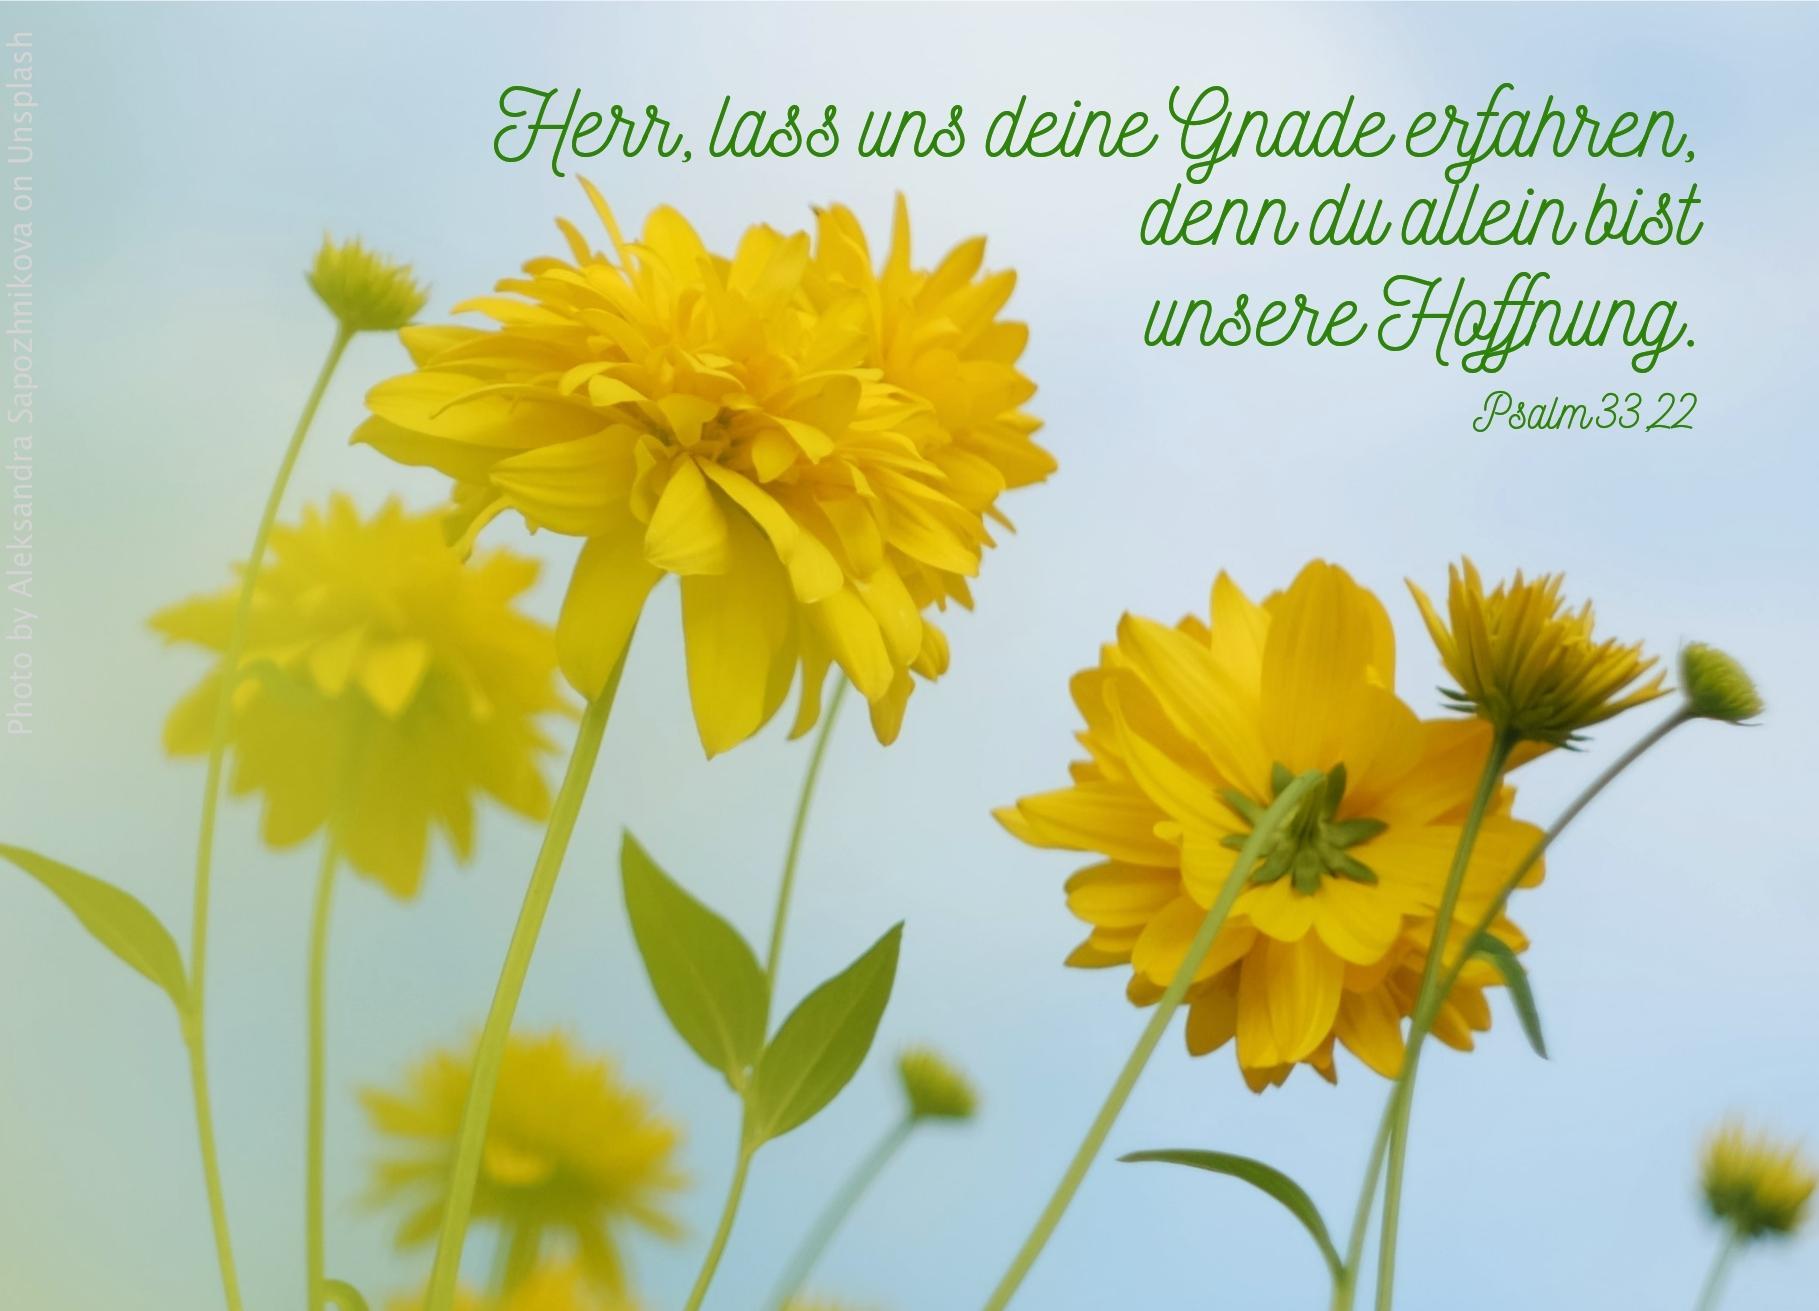 """alt=""""gelbe_blumen_vor_blauem_himmel_erwartet_das_laubhuettenfest"""""""